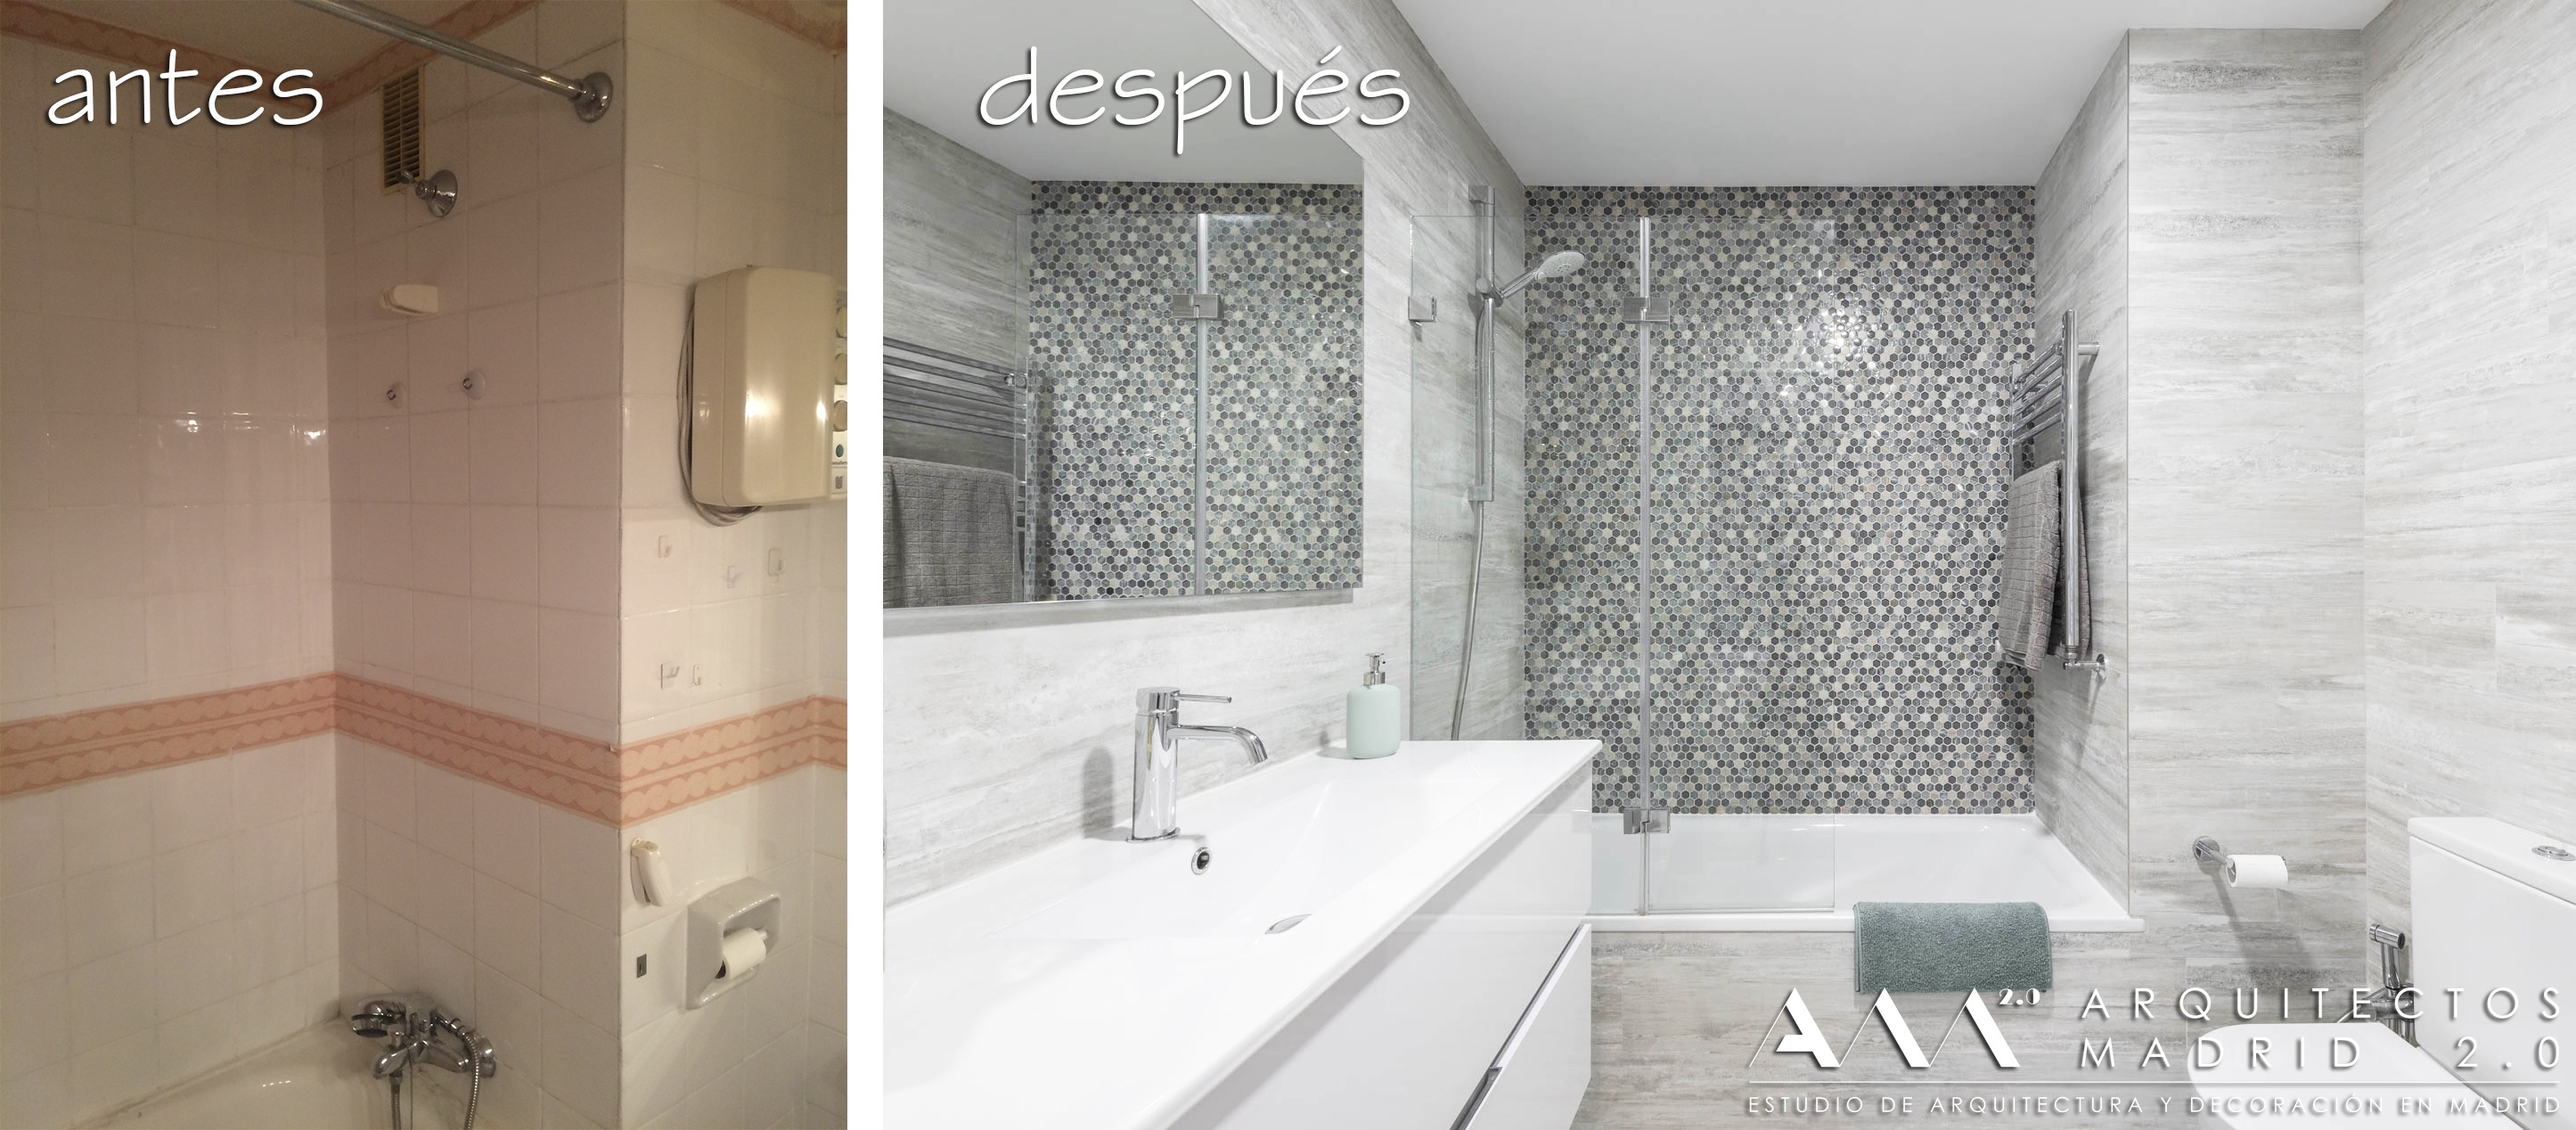 antes-despues-reforma-vivienda-housing-reform-before-after-bathroom